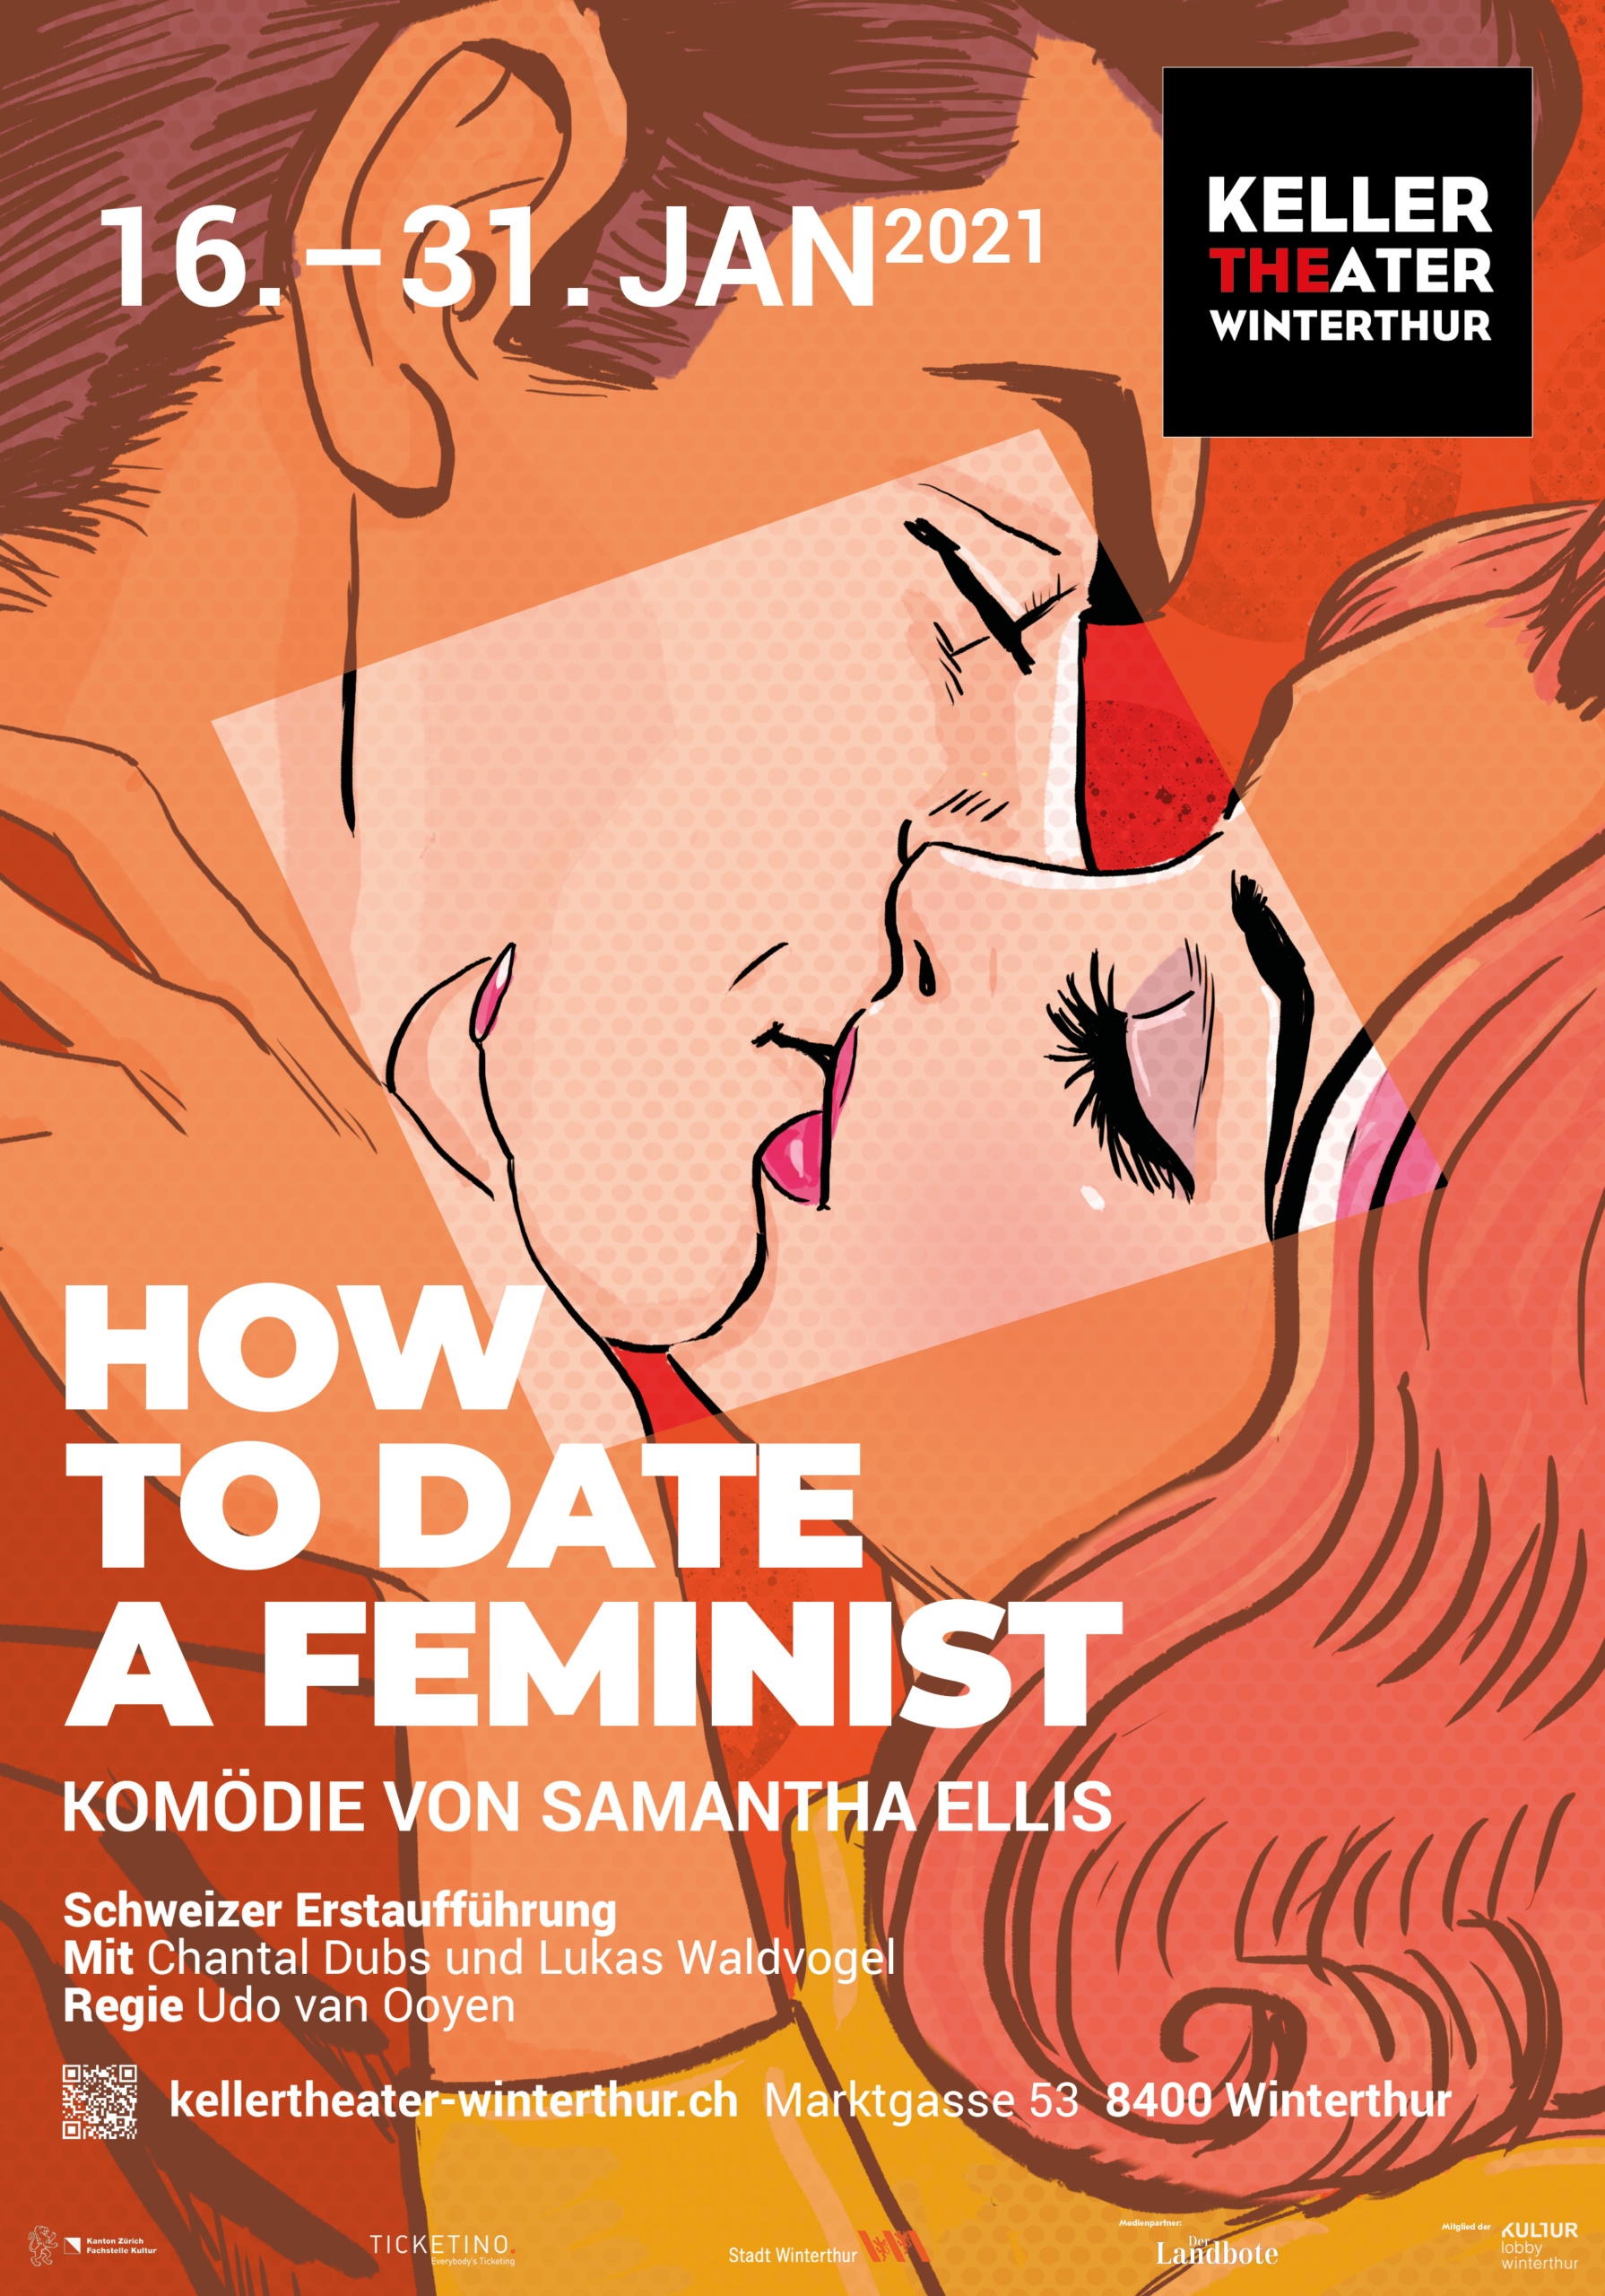 KTW_Feminist_Plakat